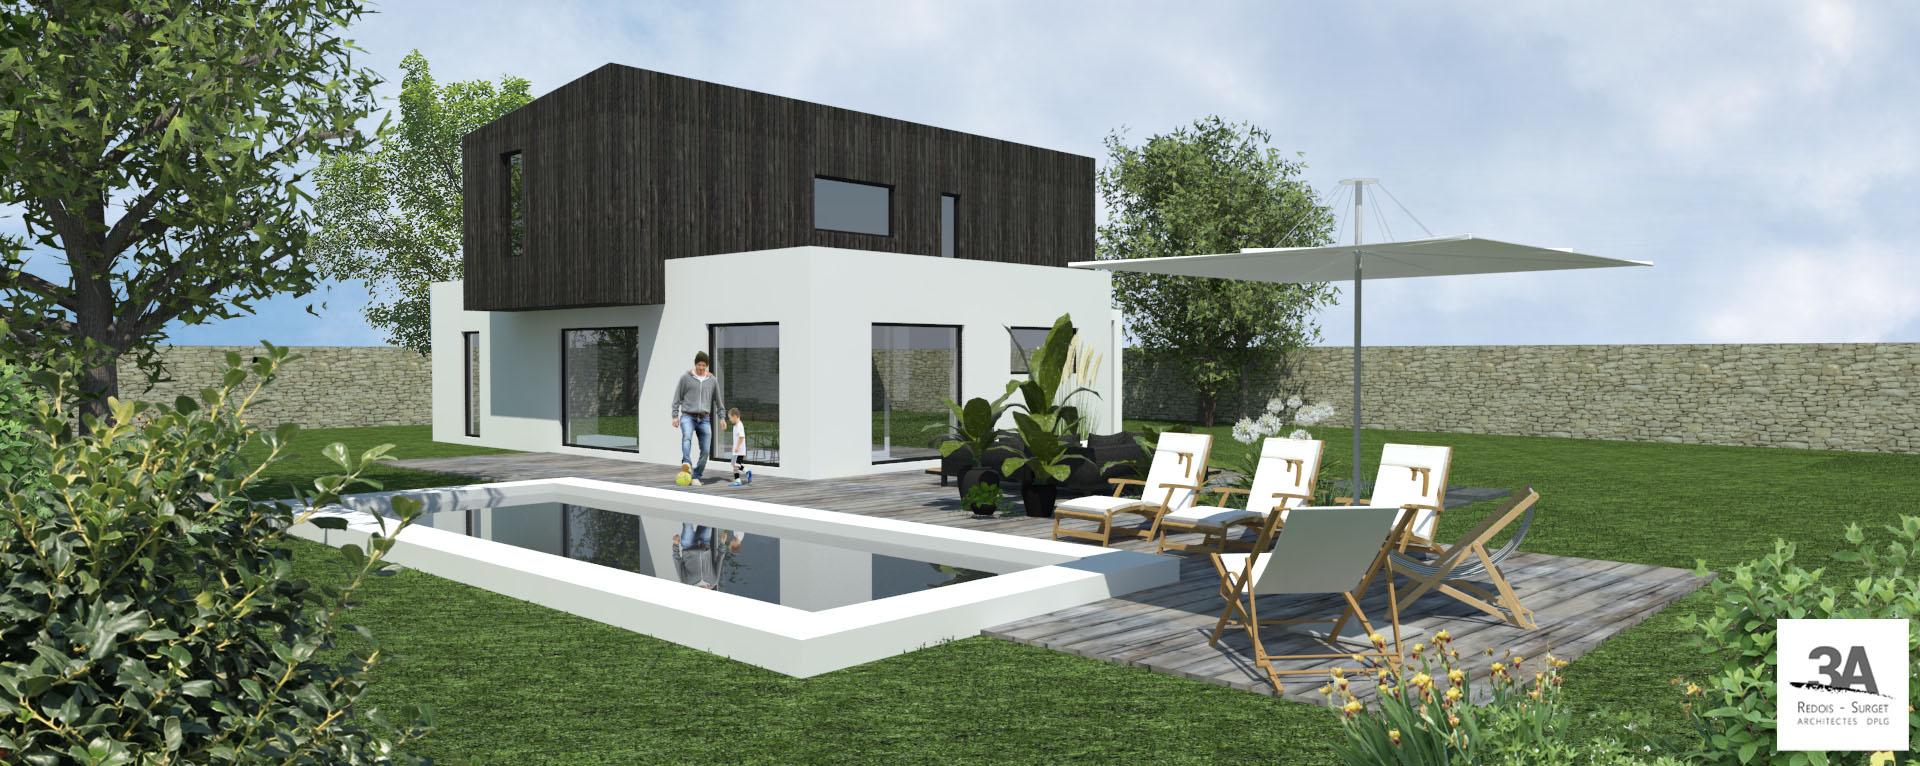 3A Redois-Surget architectes - VUE